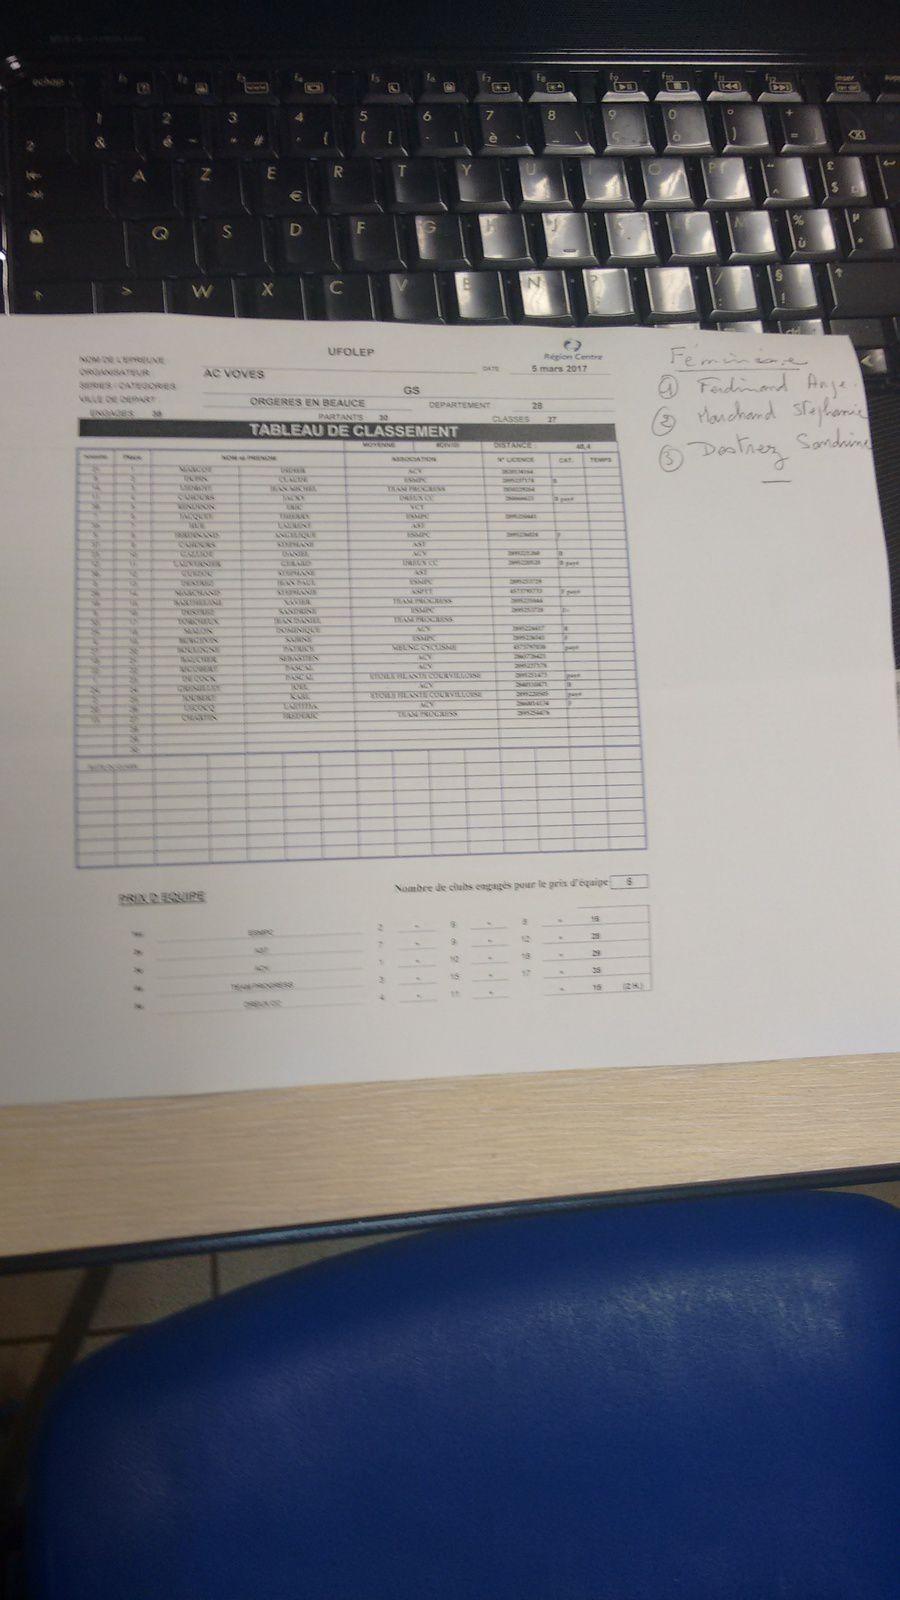 Résultats des courses UFOLEP GS et 3 d'Orgères en Beauce (28)